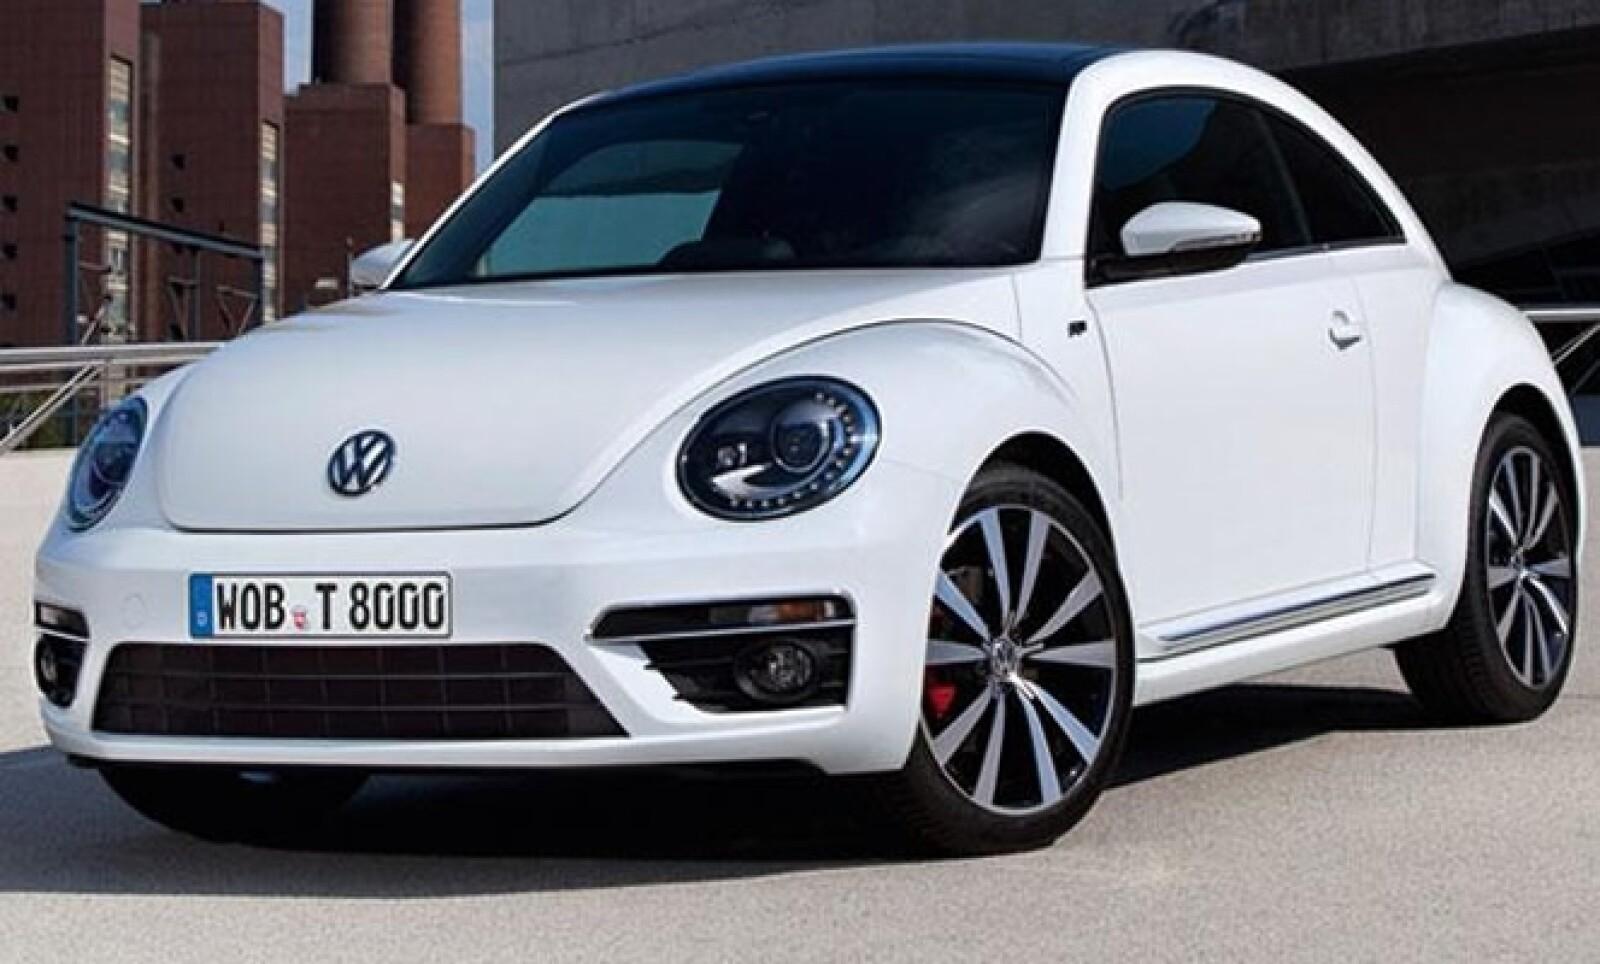 Al igual que con otros modelos, la marca Volkswagen ha decidido otorgarle al Beetle un paquete opcional que le da un estética más deportiva.